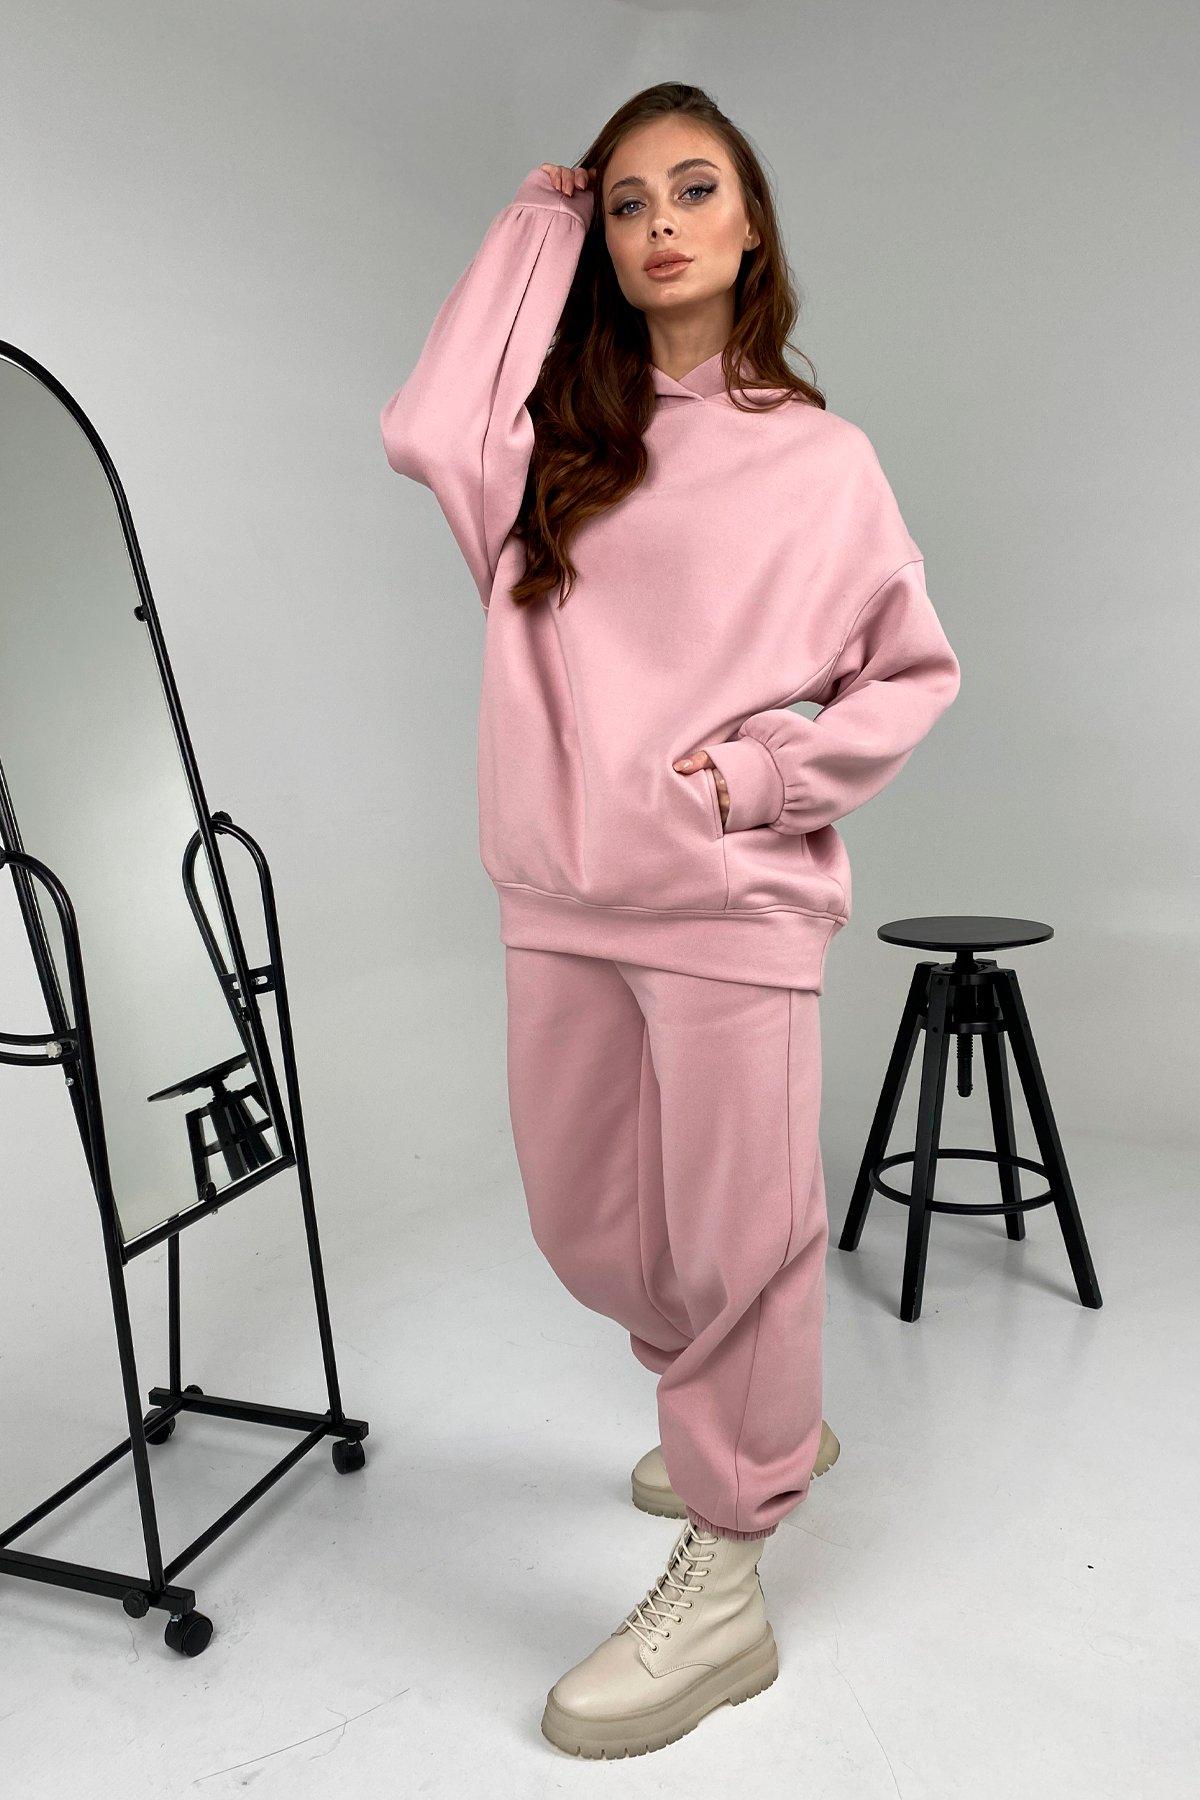 Марион костюм в  стиле Oversize  3х нитка 9651 АРТ. 46494 Цвет: Пудра 1 - фото 5, интернет магазин tm-modus.ru